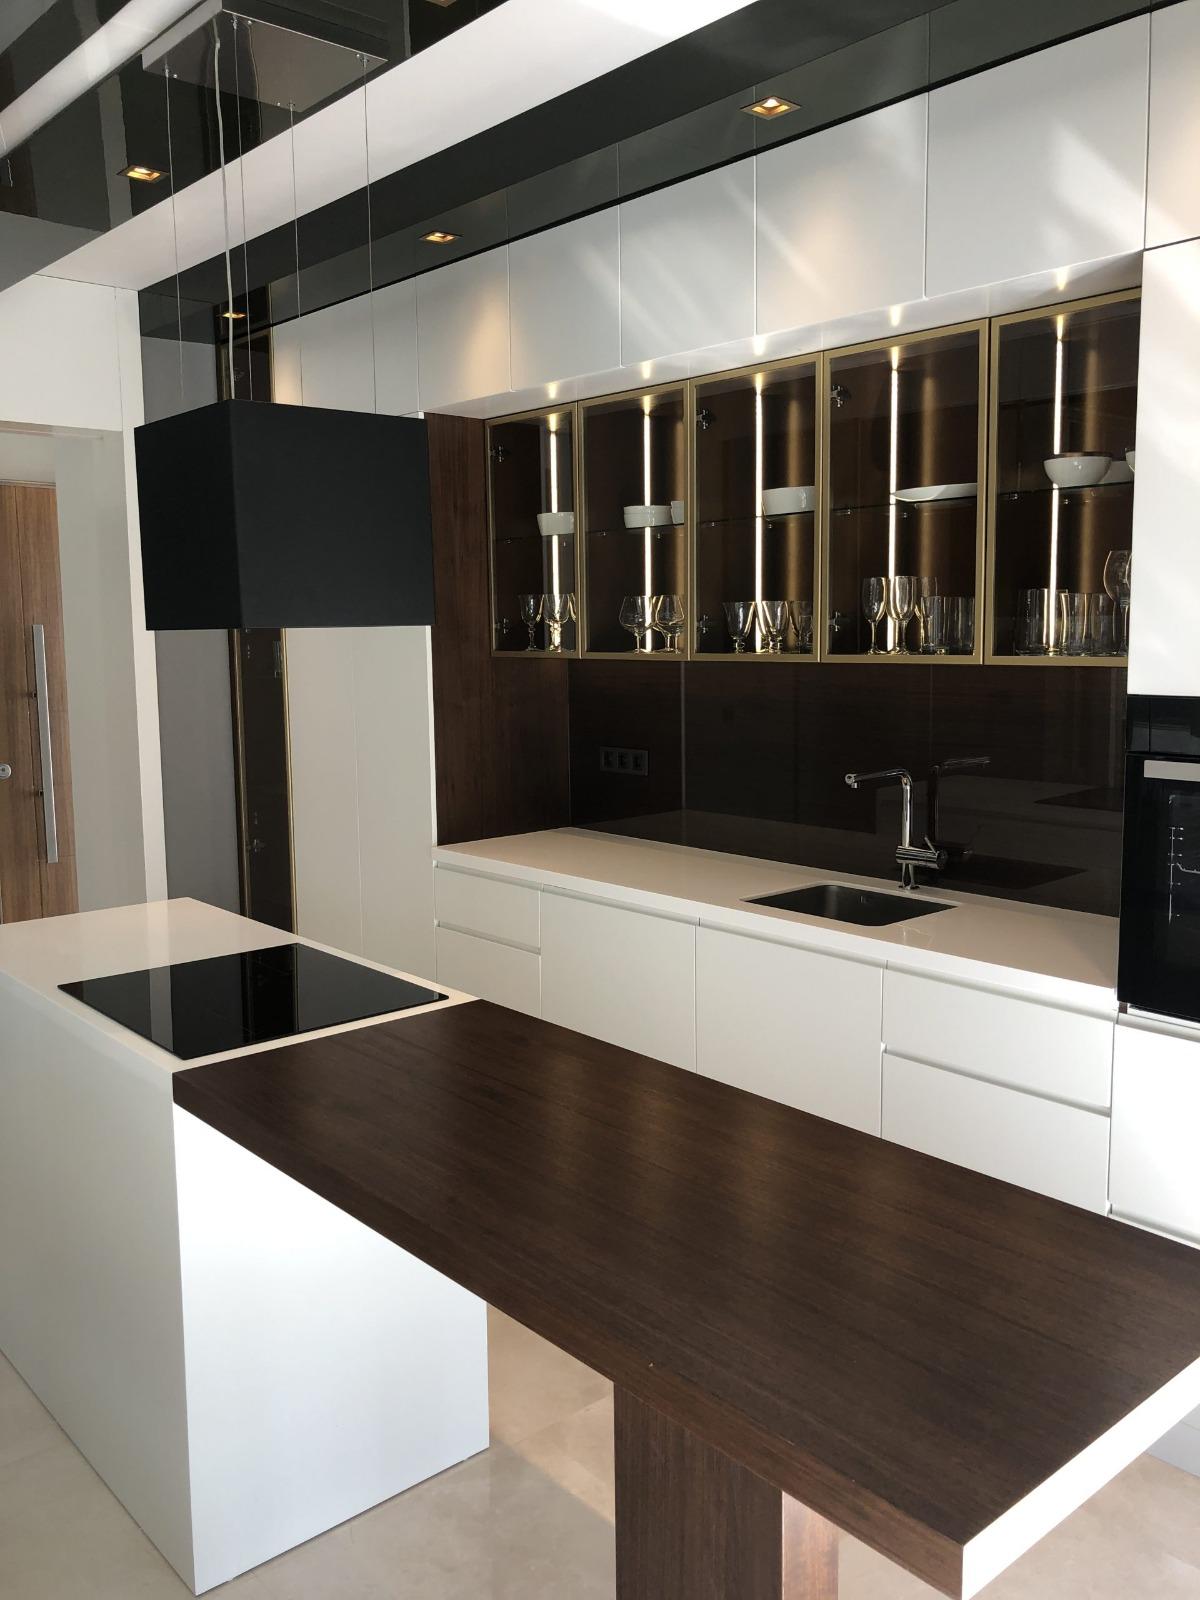 Резиденция класса люкс отельной концепции - Фото 27